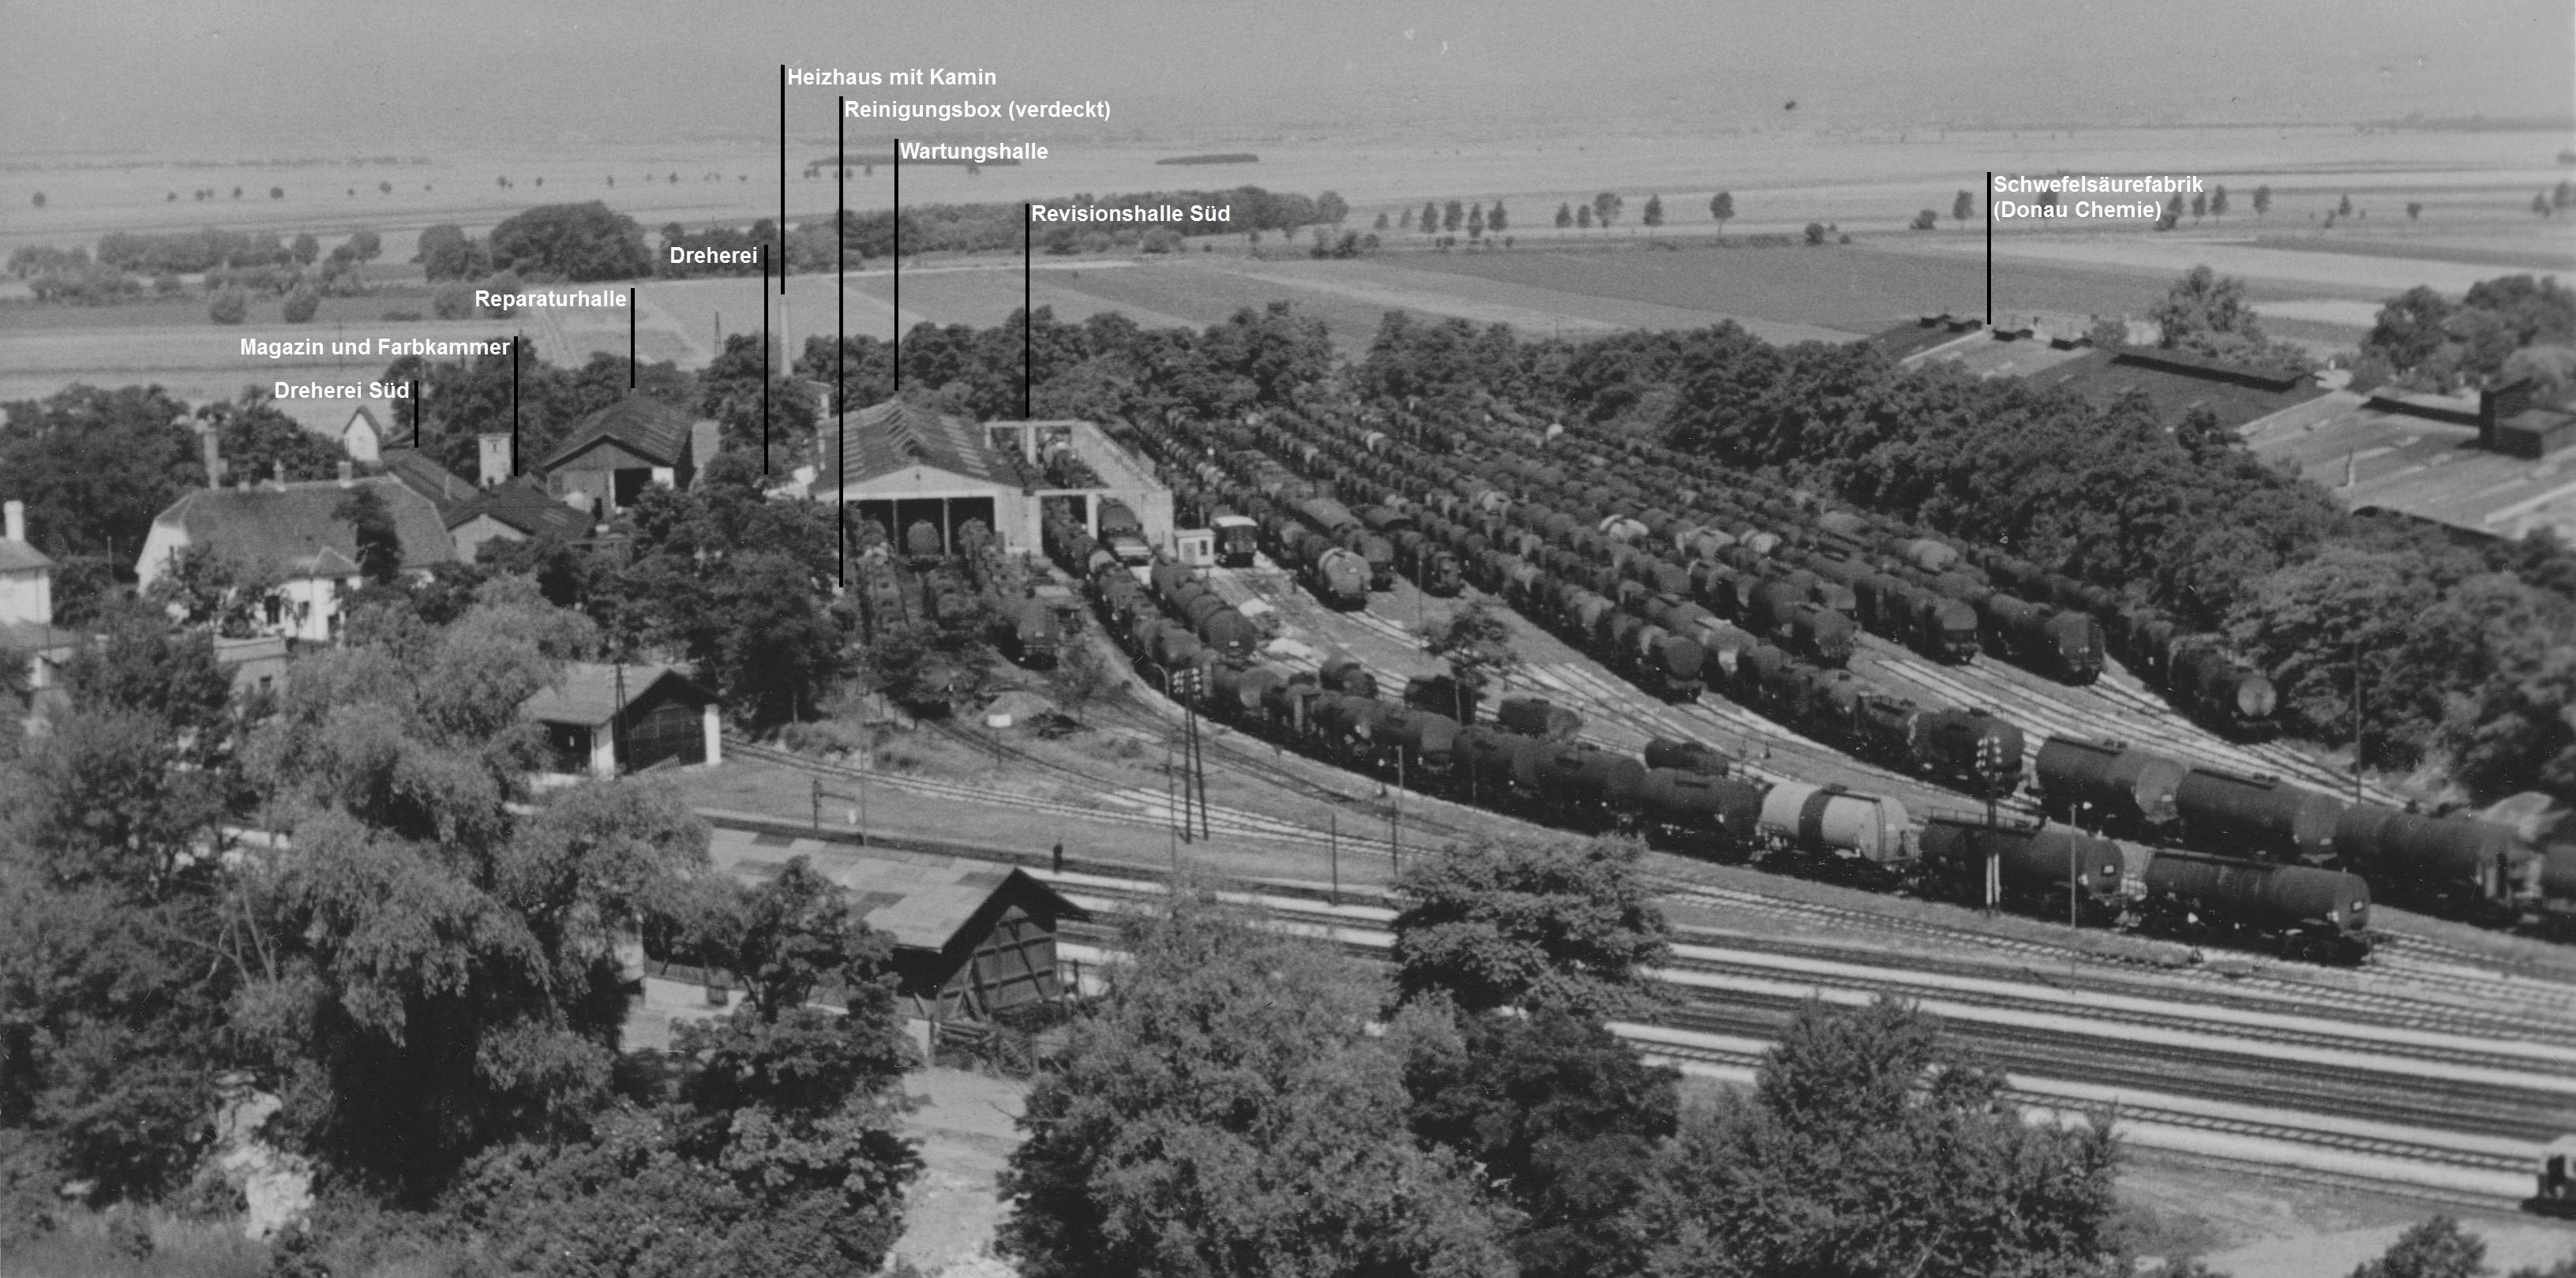 Foto des Altstandortes um 1950 (USIA-Verwaltung) mit Erläuterungen aus [1]. Quelle: [3]